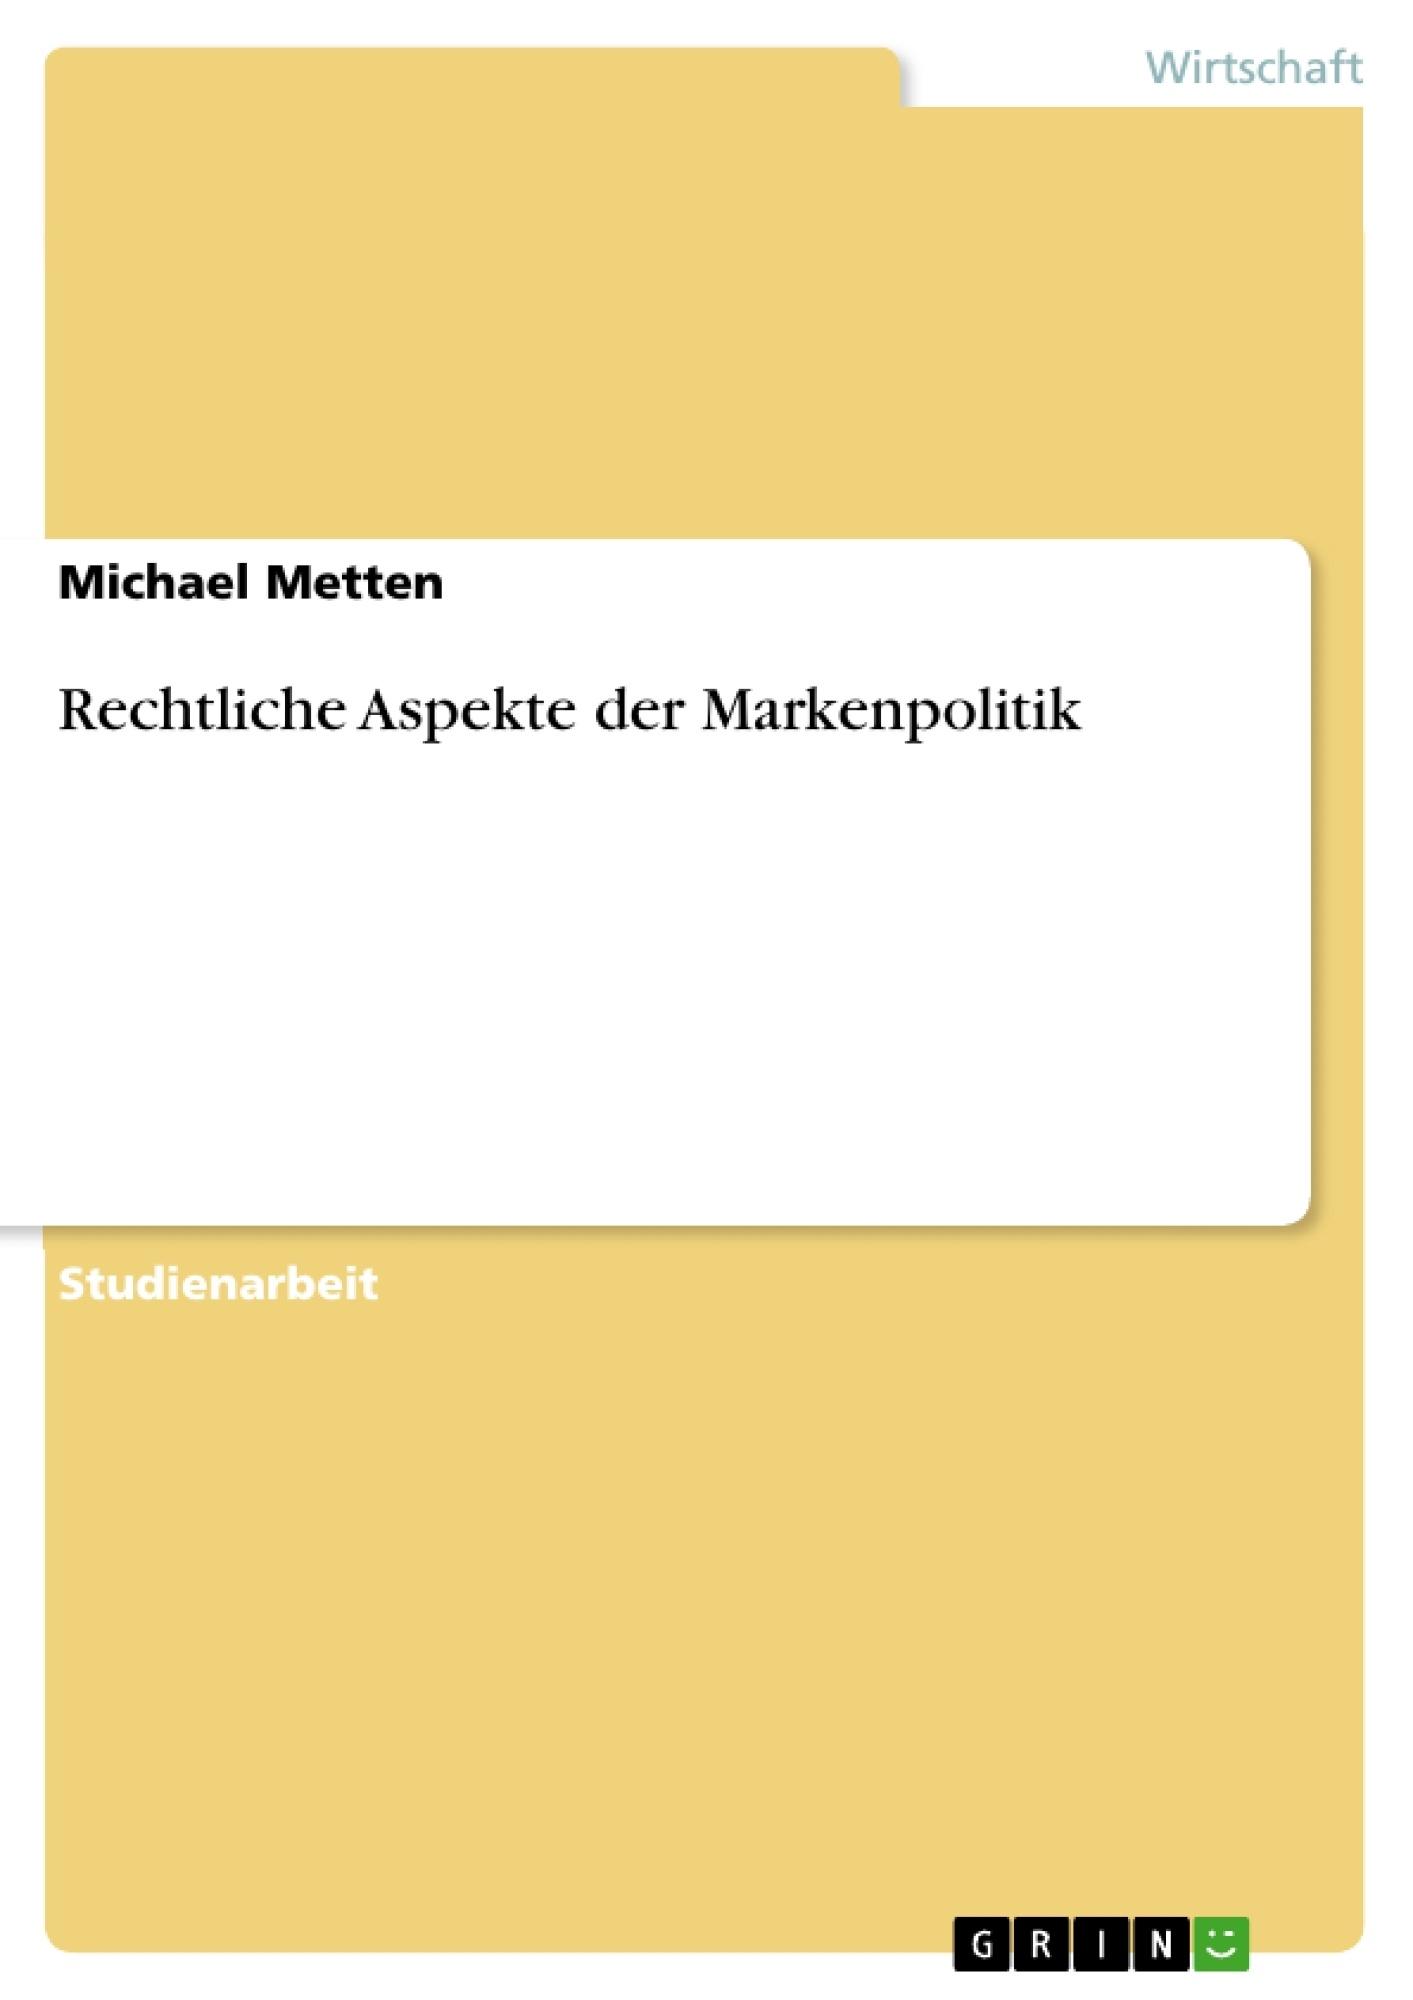 Titel: Rechtliche Aspekte der Markenpolitik